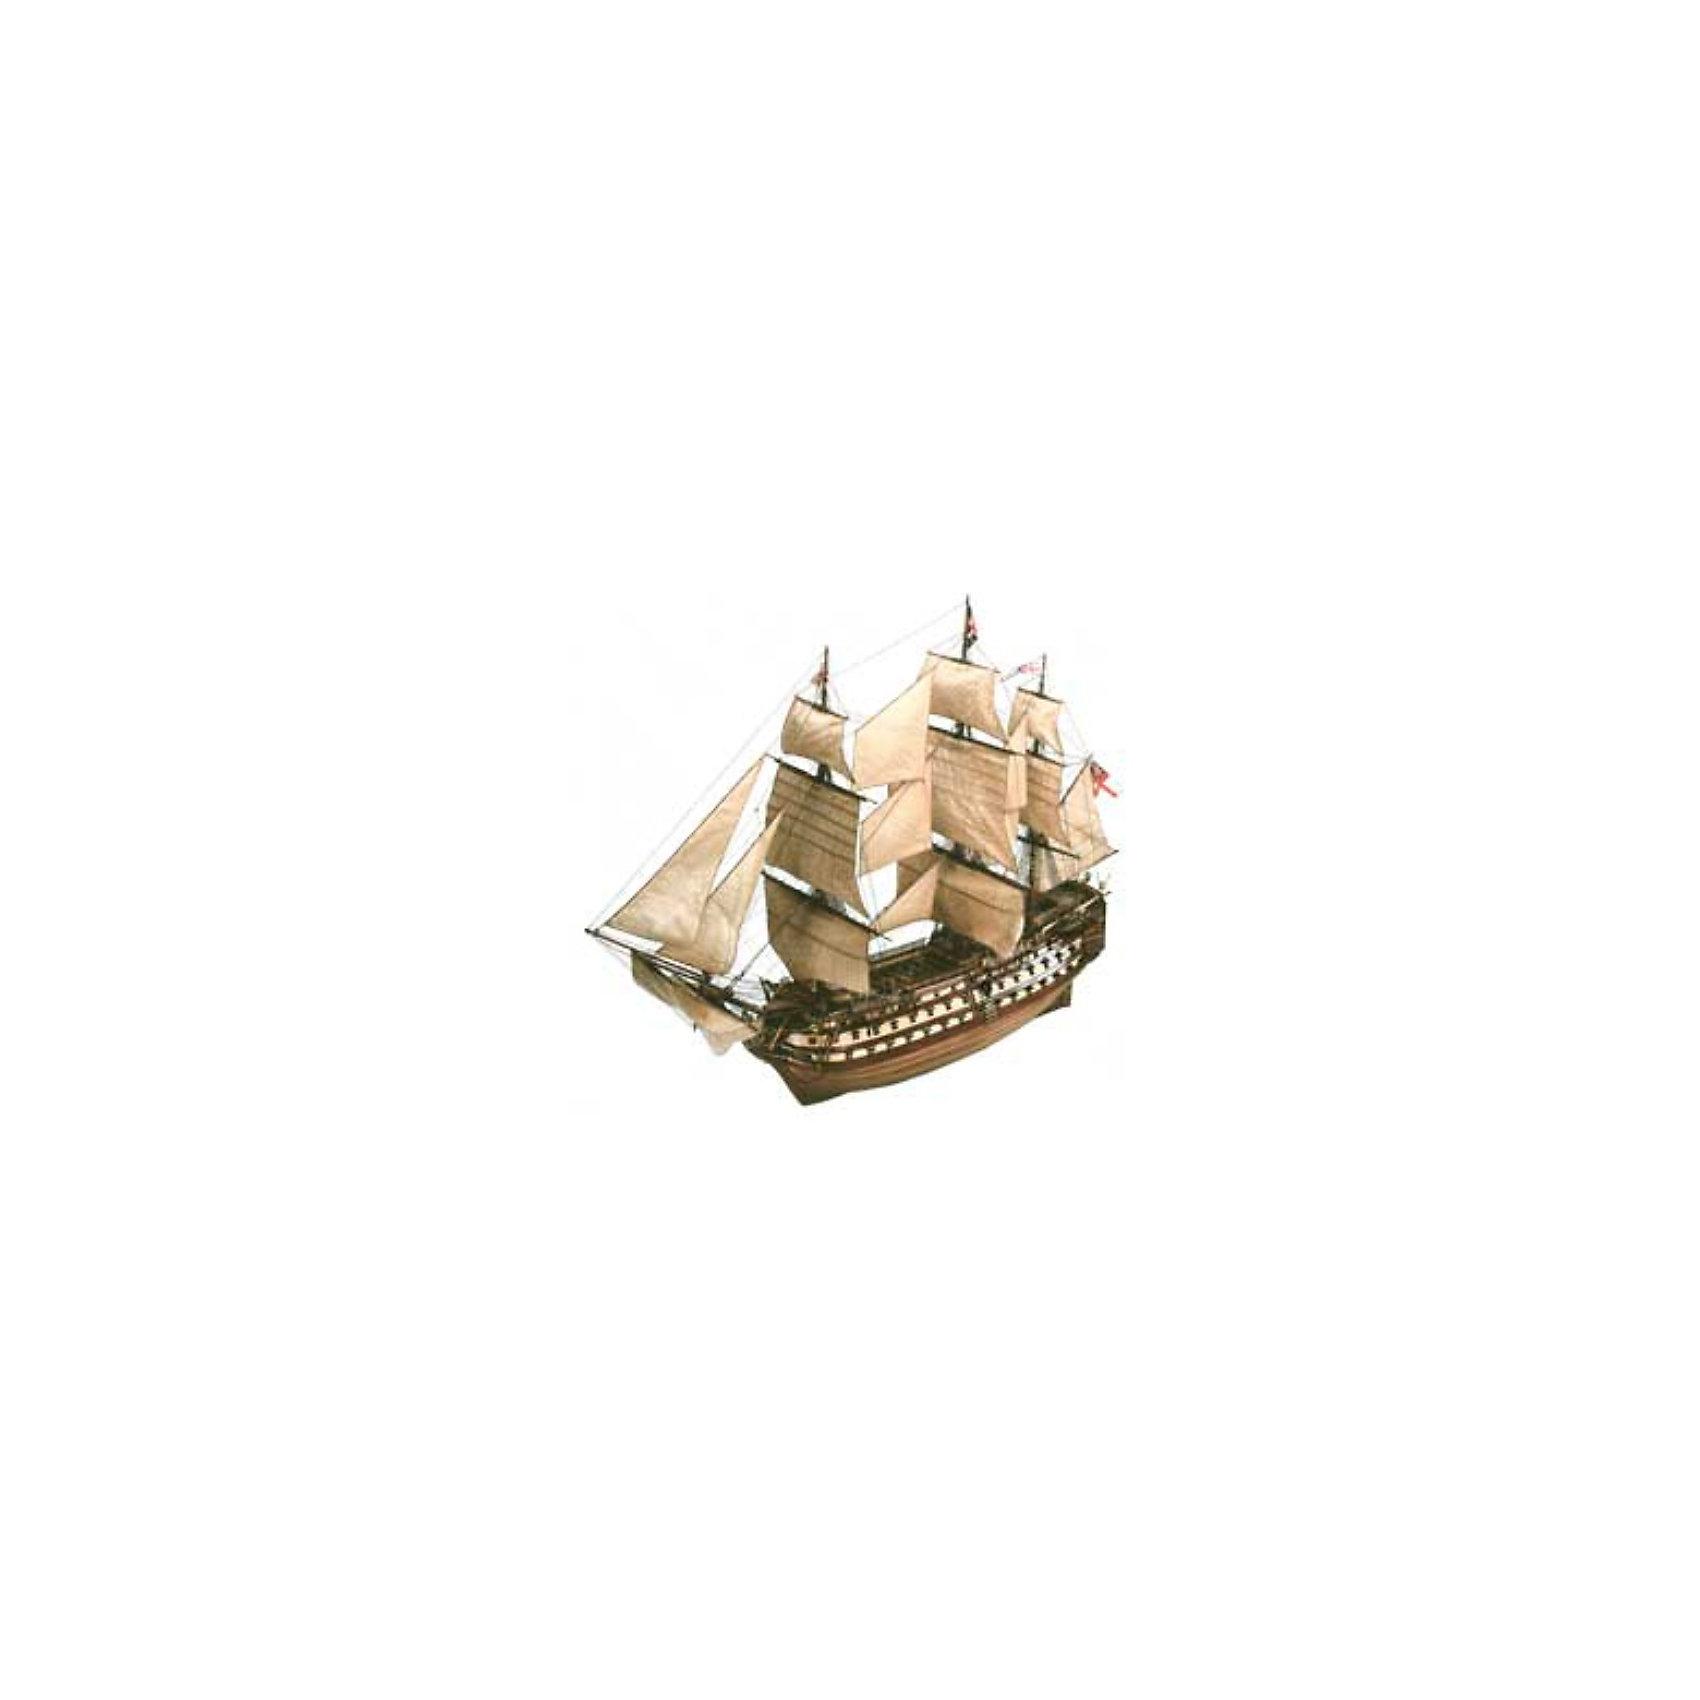 Парусник H.M.S Victory, 1:146, (5)Модели для склеивания<br>Модель линейного корабля первого ранга Королевского флота Великобритании HMS Victory. Флагман адмирала Нельсона в битве при Трафальгаре. На борту этого судна прославленный британский адмирал получил смертельное ранение. С 1812 года HMS Victory не принимал участия в сражениях. Сейчас он находится на постоянной стоянке в доке города Портсмут. Корабль переделан в музей <br>Масштаб: 1:225 <br>Количетво деталей: 261 <br>Длина модели: 400 мм <br>Высота модели: 330 мм <br>Клей и краски в комплект не входят<br><br>Ширина мм: 389<br>Глубина мм: 248<br>Высота мм: 78<br>Вес г: 467<br>Возраст от месяцев: 168<br>Возраст до месяцев: 228<br>Пол: Мужской<br>Возраст: Детский<br>SKU: 1773062